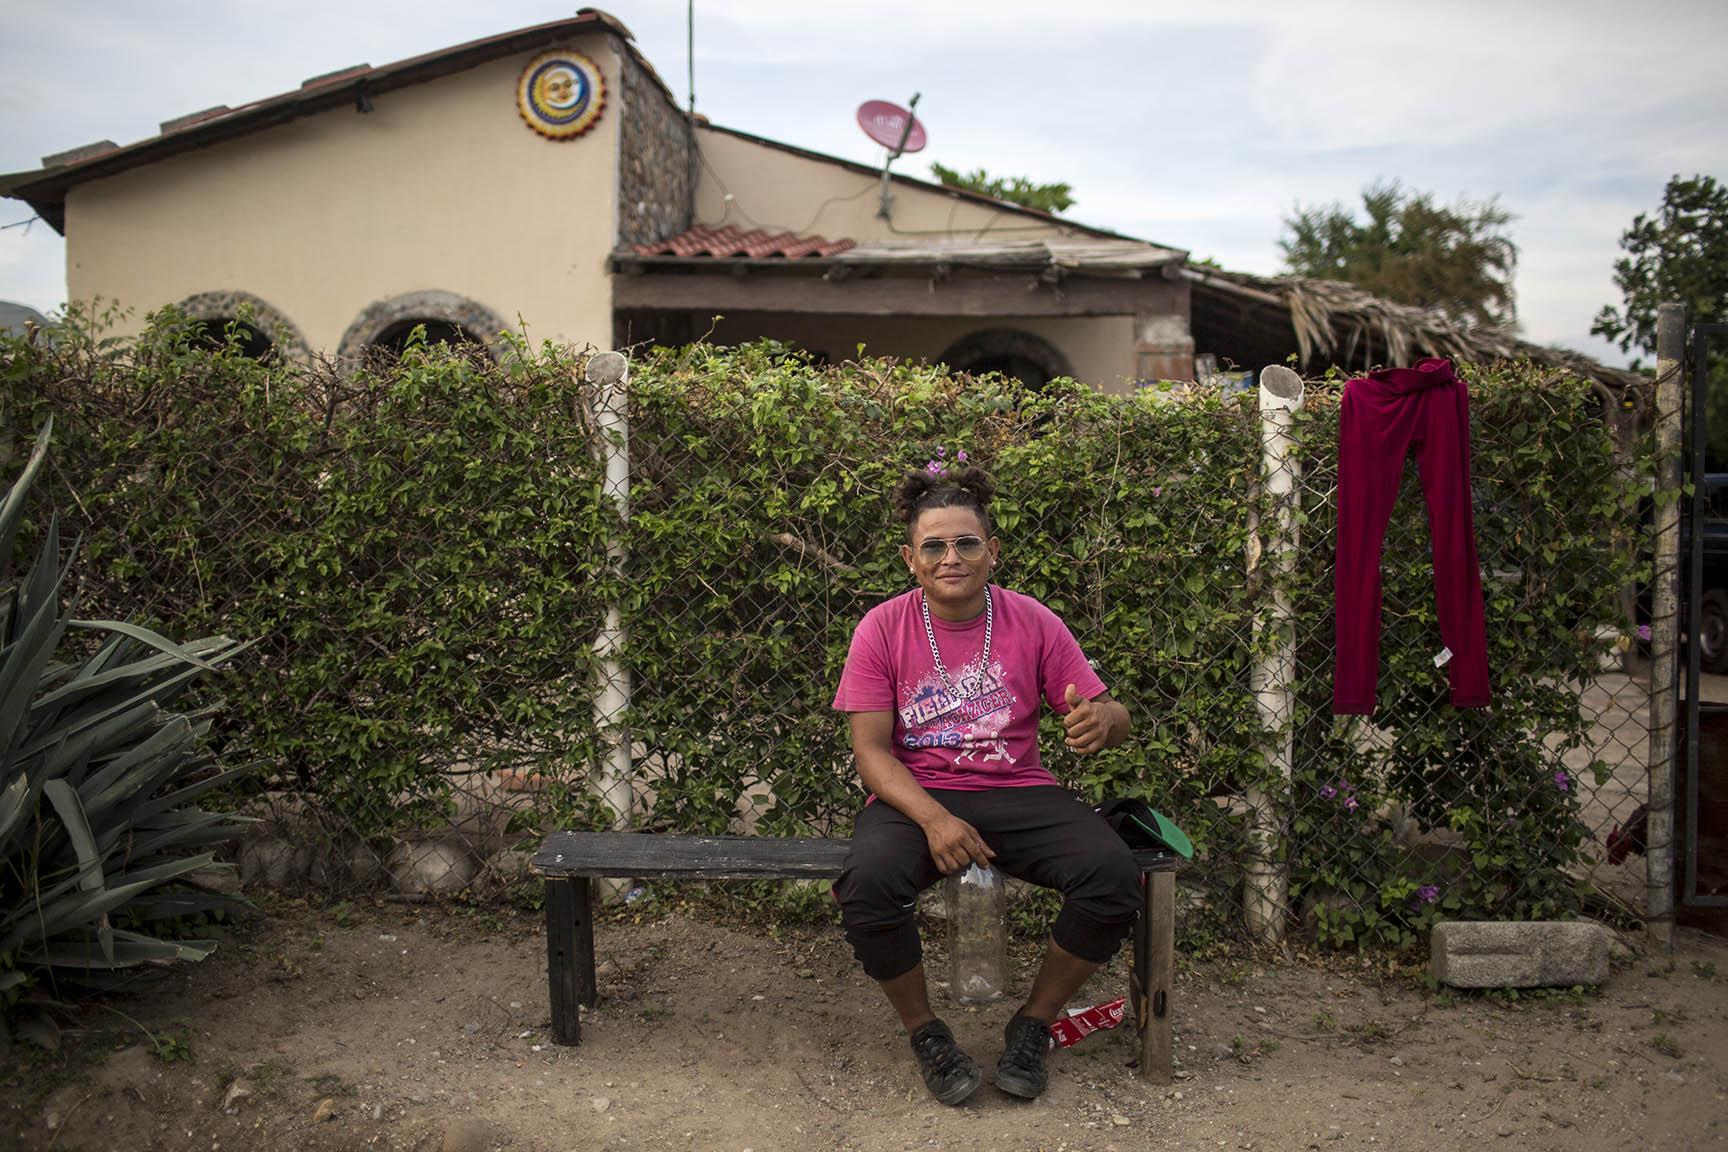 Henry Benítez, 21, originario de Santa Rita Lloro, Honduras. En Estados Unidos quiere alcanzar a su hermana y varios primos, aunque desconoce el lugar donde viven / Simone Dalmasso